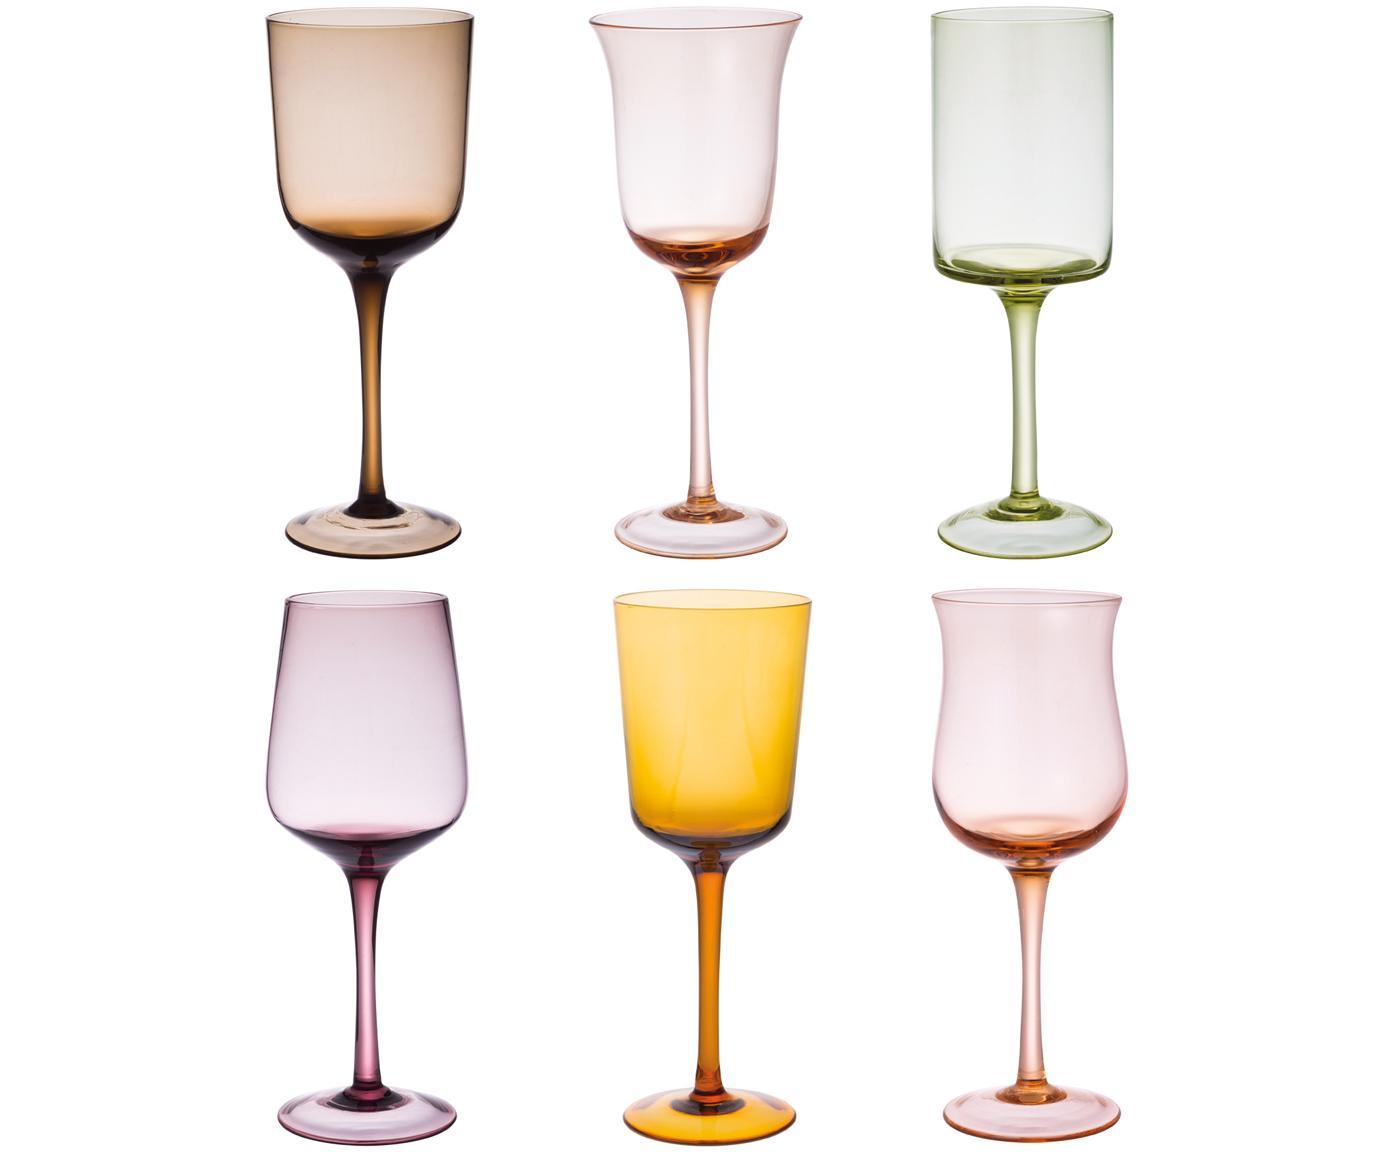 Copas de vino de vidrio soplado Desigual, 6uds., Vidrio soplado artesanalmente, Marrón, tonos rosas, verde, amarillo, lila, Ø 7 cm